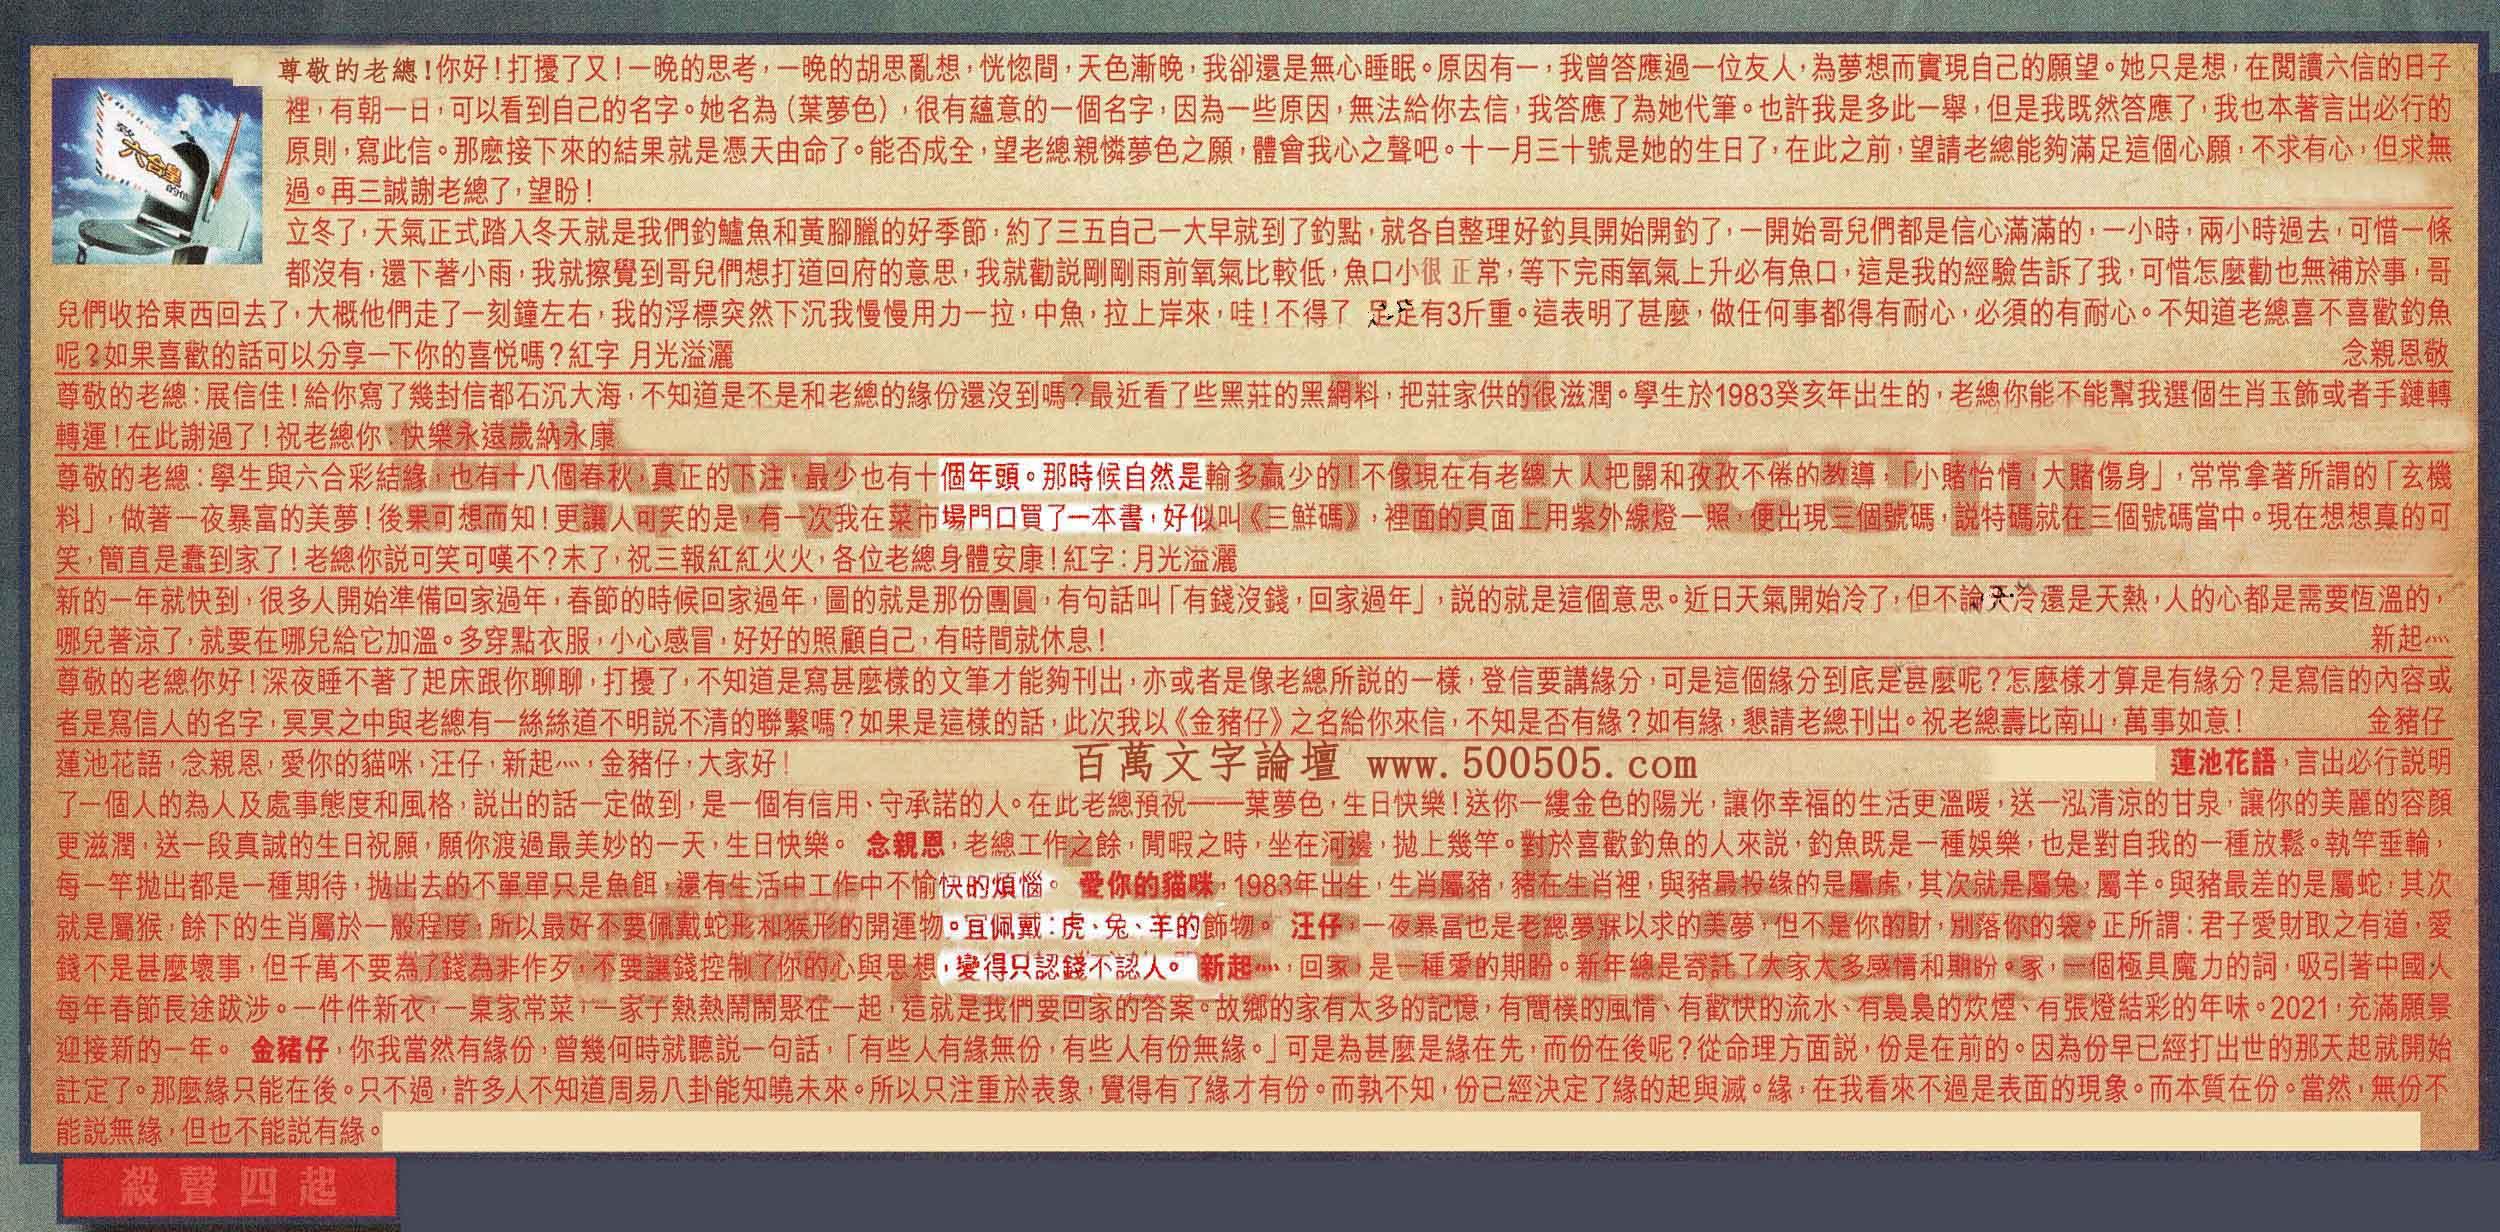 022期:彩民推荐六合皇信箱(�t字:�⒙�四起)